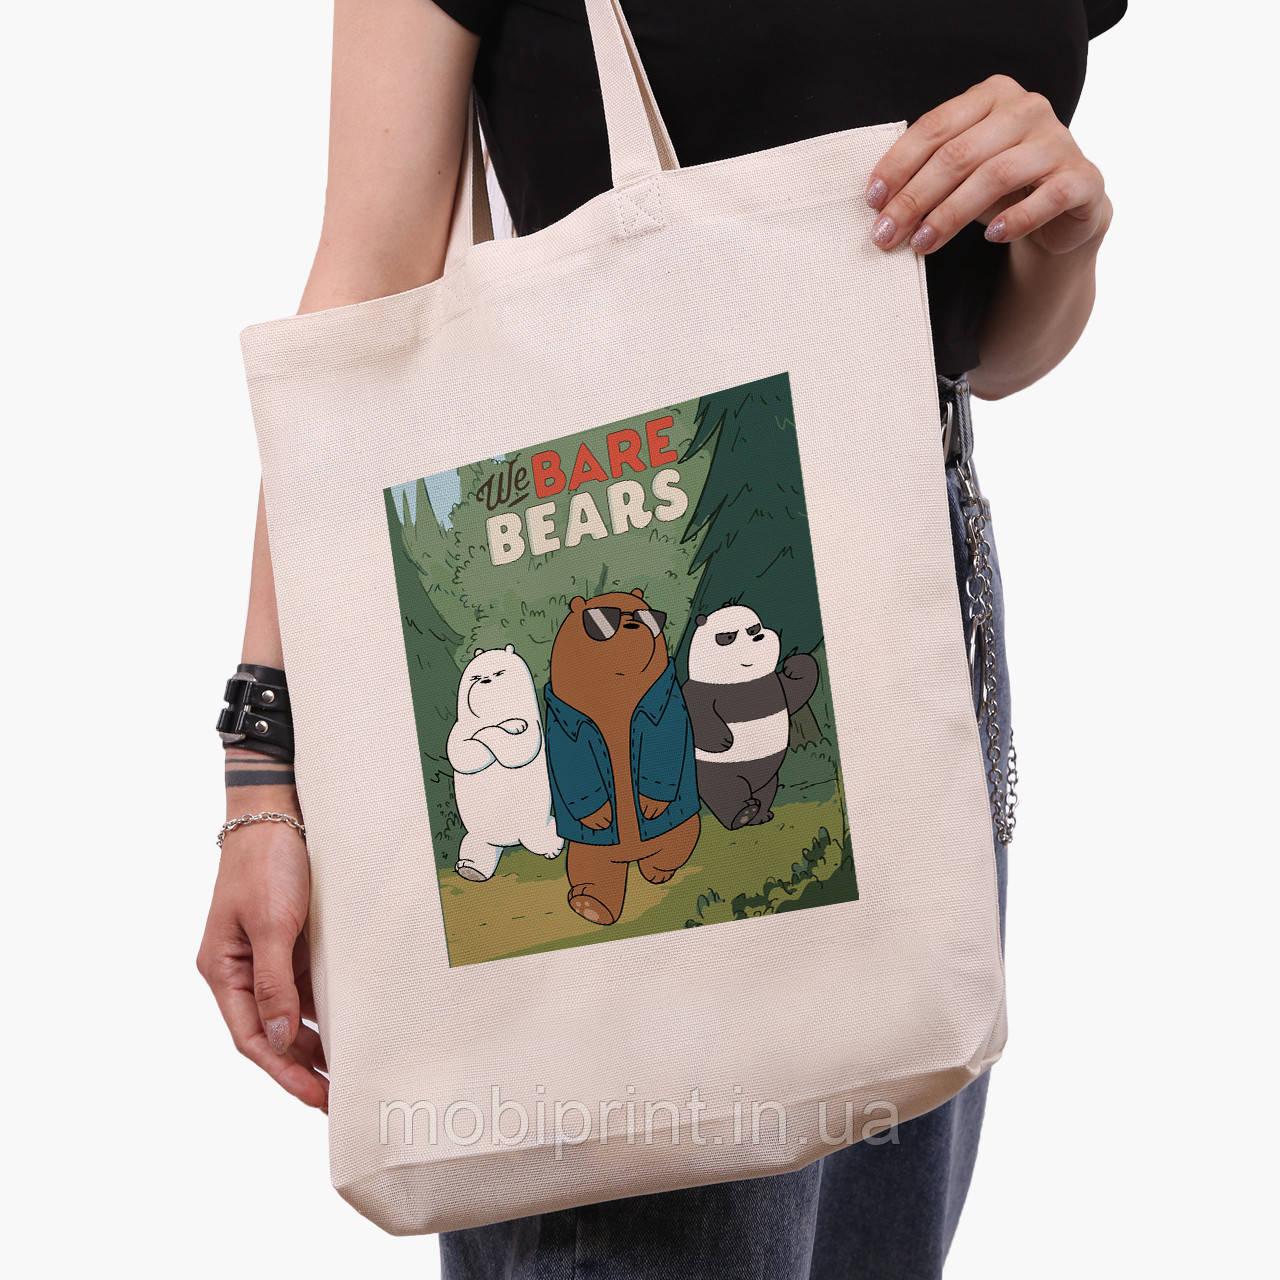 Еко сумка шоппер біла Вся правда про ведмедів (We Bare Bears) (9227-2664-1) 41*39*8 см